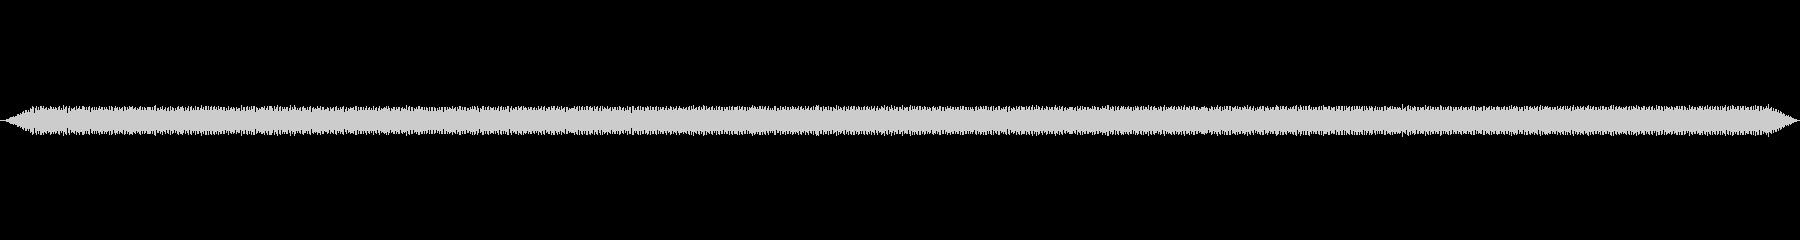 車 カマロハイRPMエキゾースト01の未再生の波形